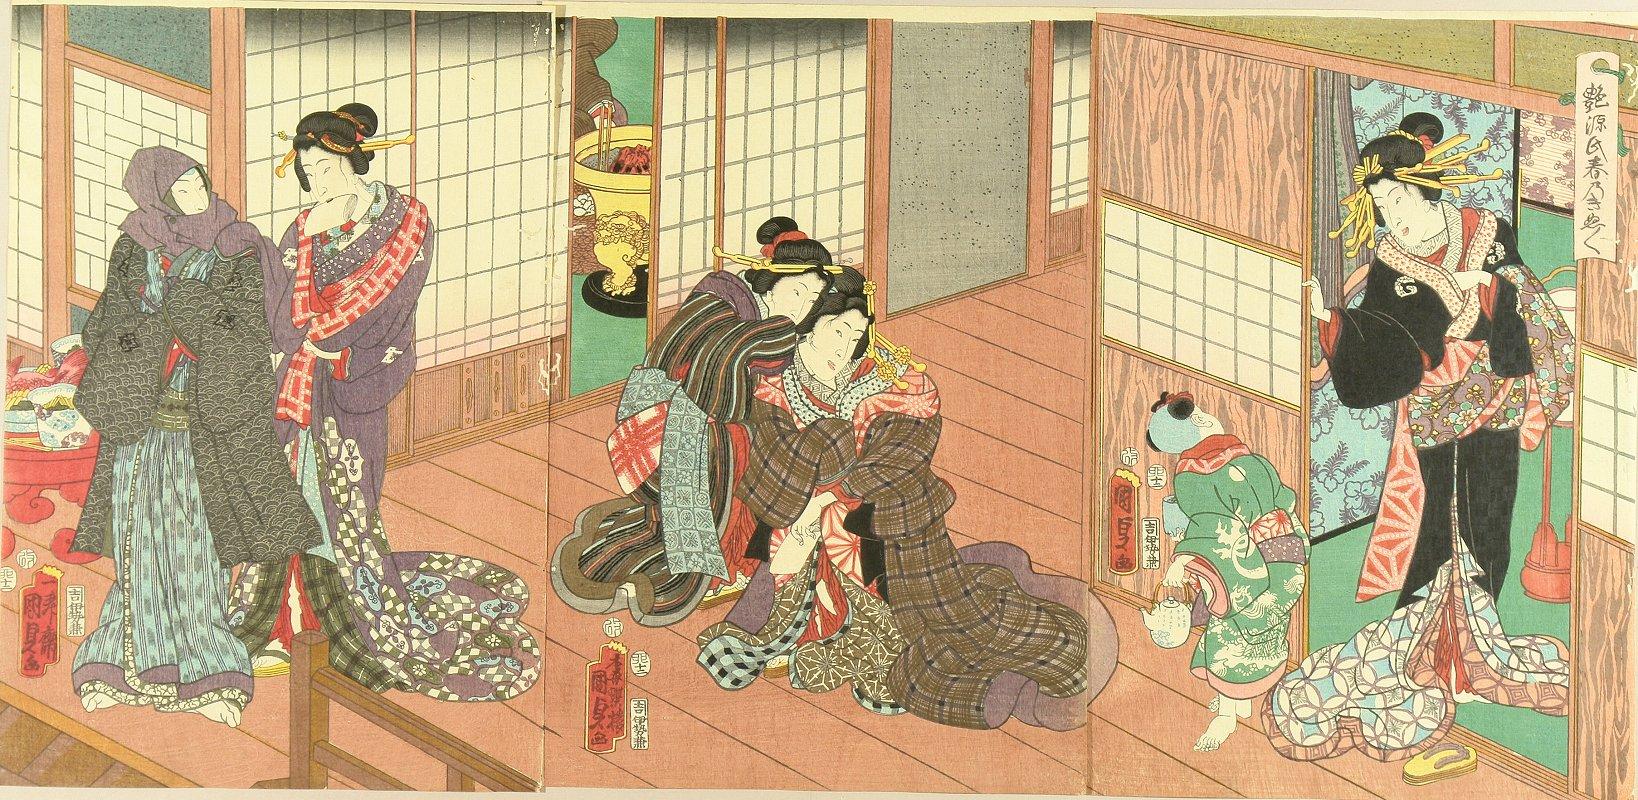 KUNISADA II Tsuya Genji haru no kinubginu (Amorous Genji, separation of the spring), triptych